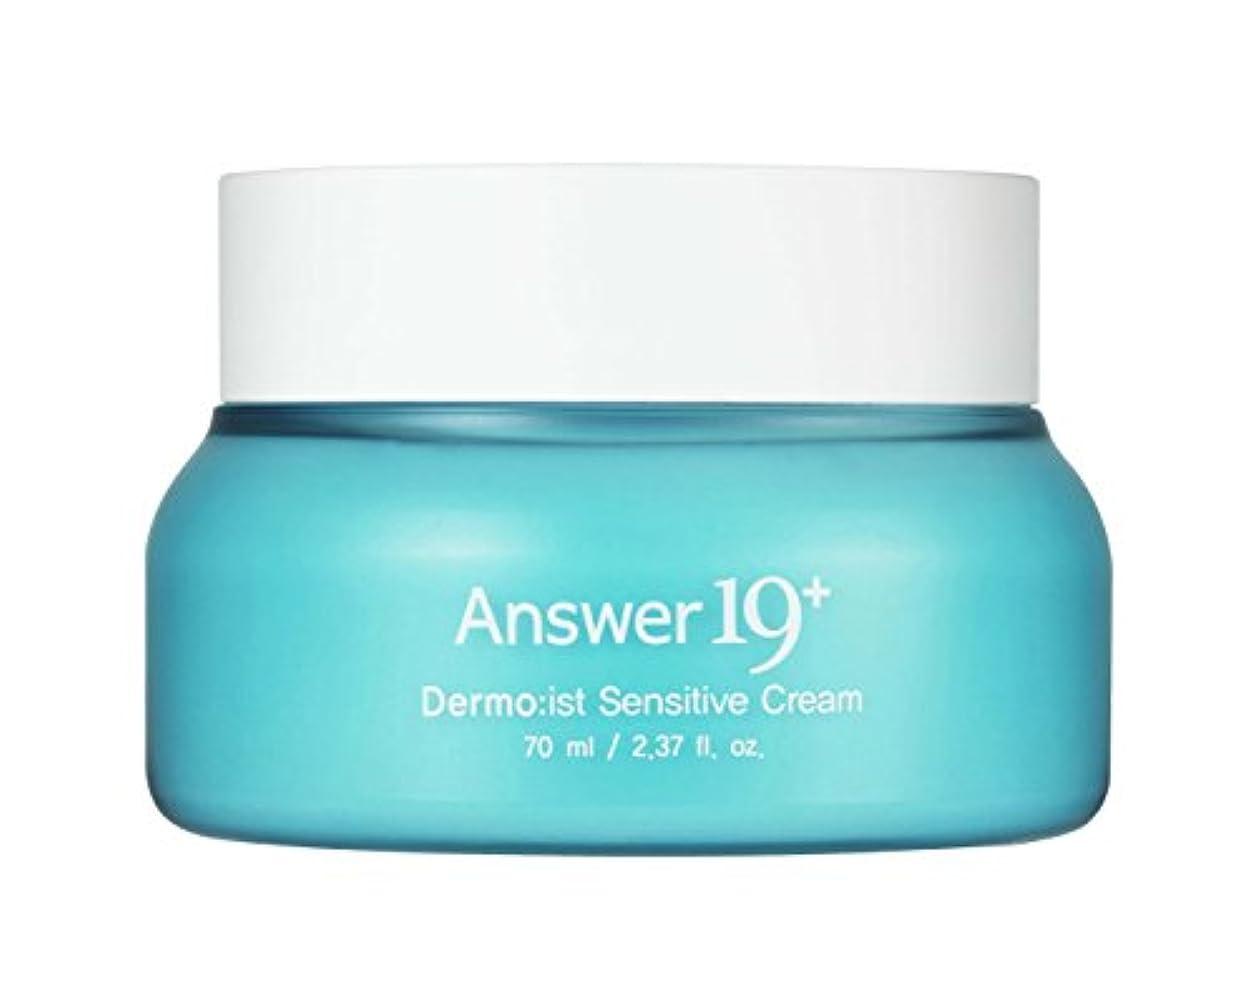 樹皮昇進である[ANSWER NINETEEN +] 感受性クリーム - 敏感肌のための深いモイスチャライジング、鎮静効果。 天然スーパーフード成分、パンテノール(ビタミンB5)、ベータグルカン、ヒアルロン酸、70ml